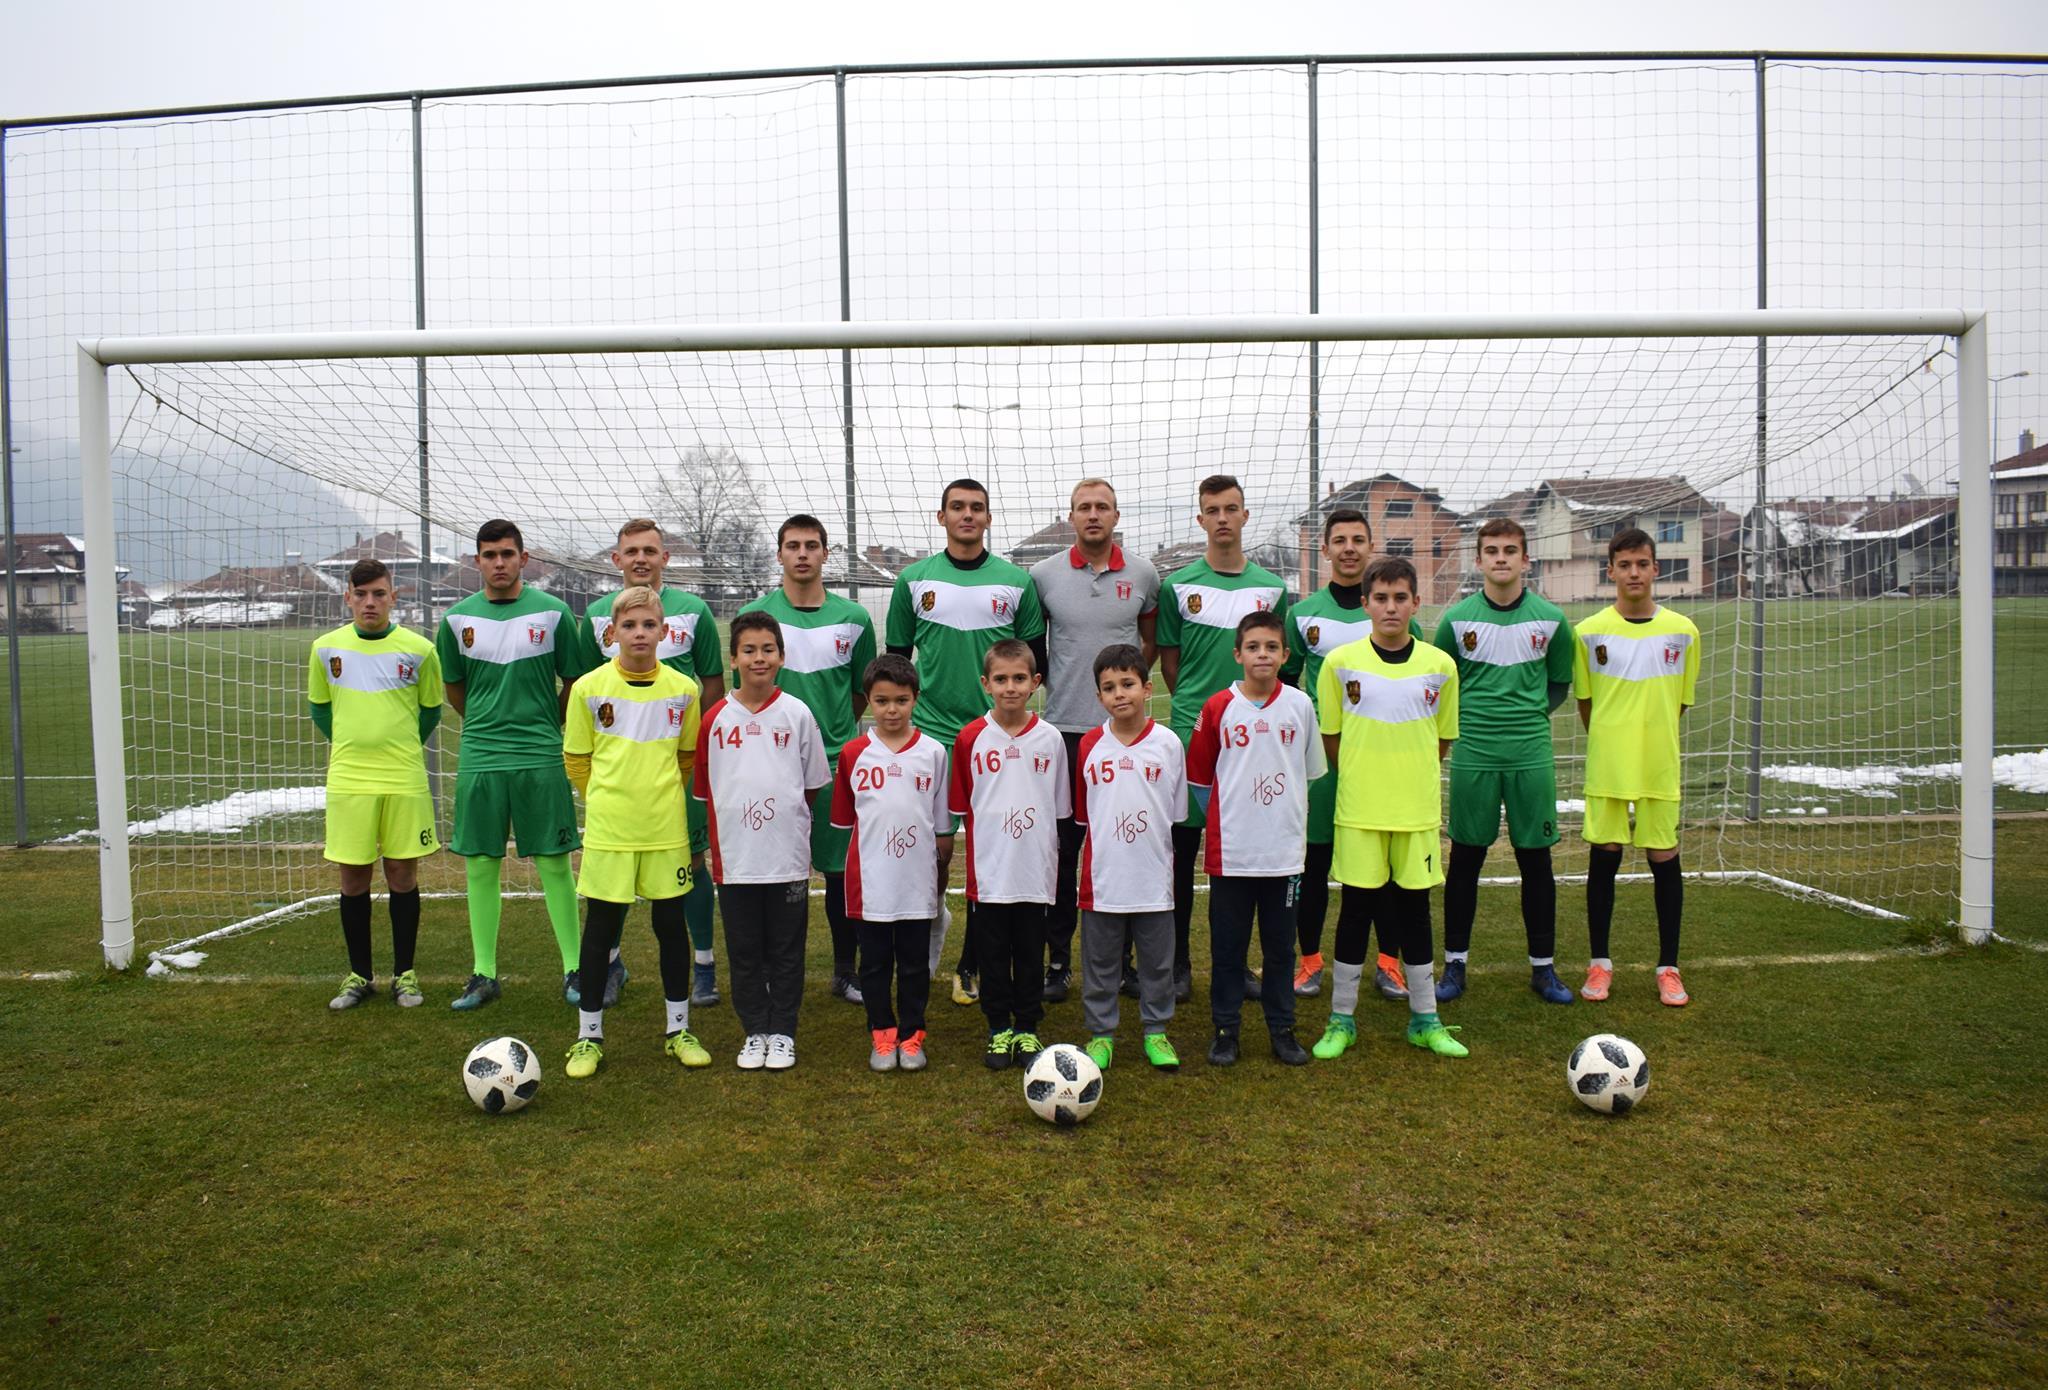 Етрополеца Христо Стаменов е новия треньор в школата на ПФК Левски- София